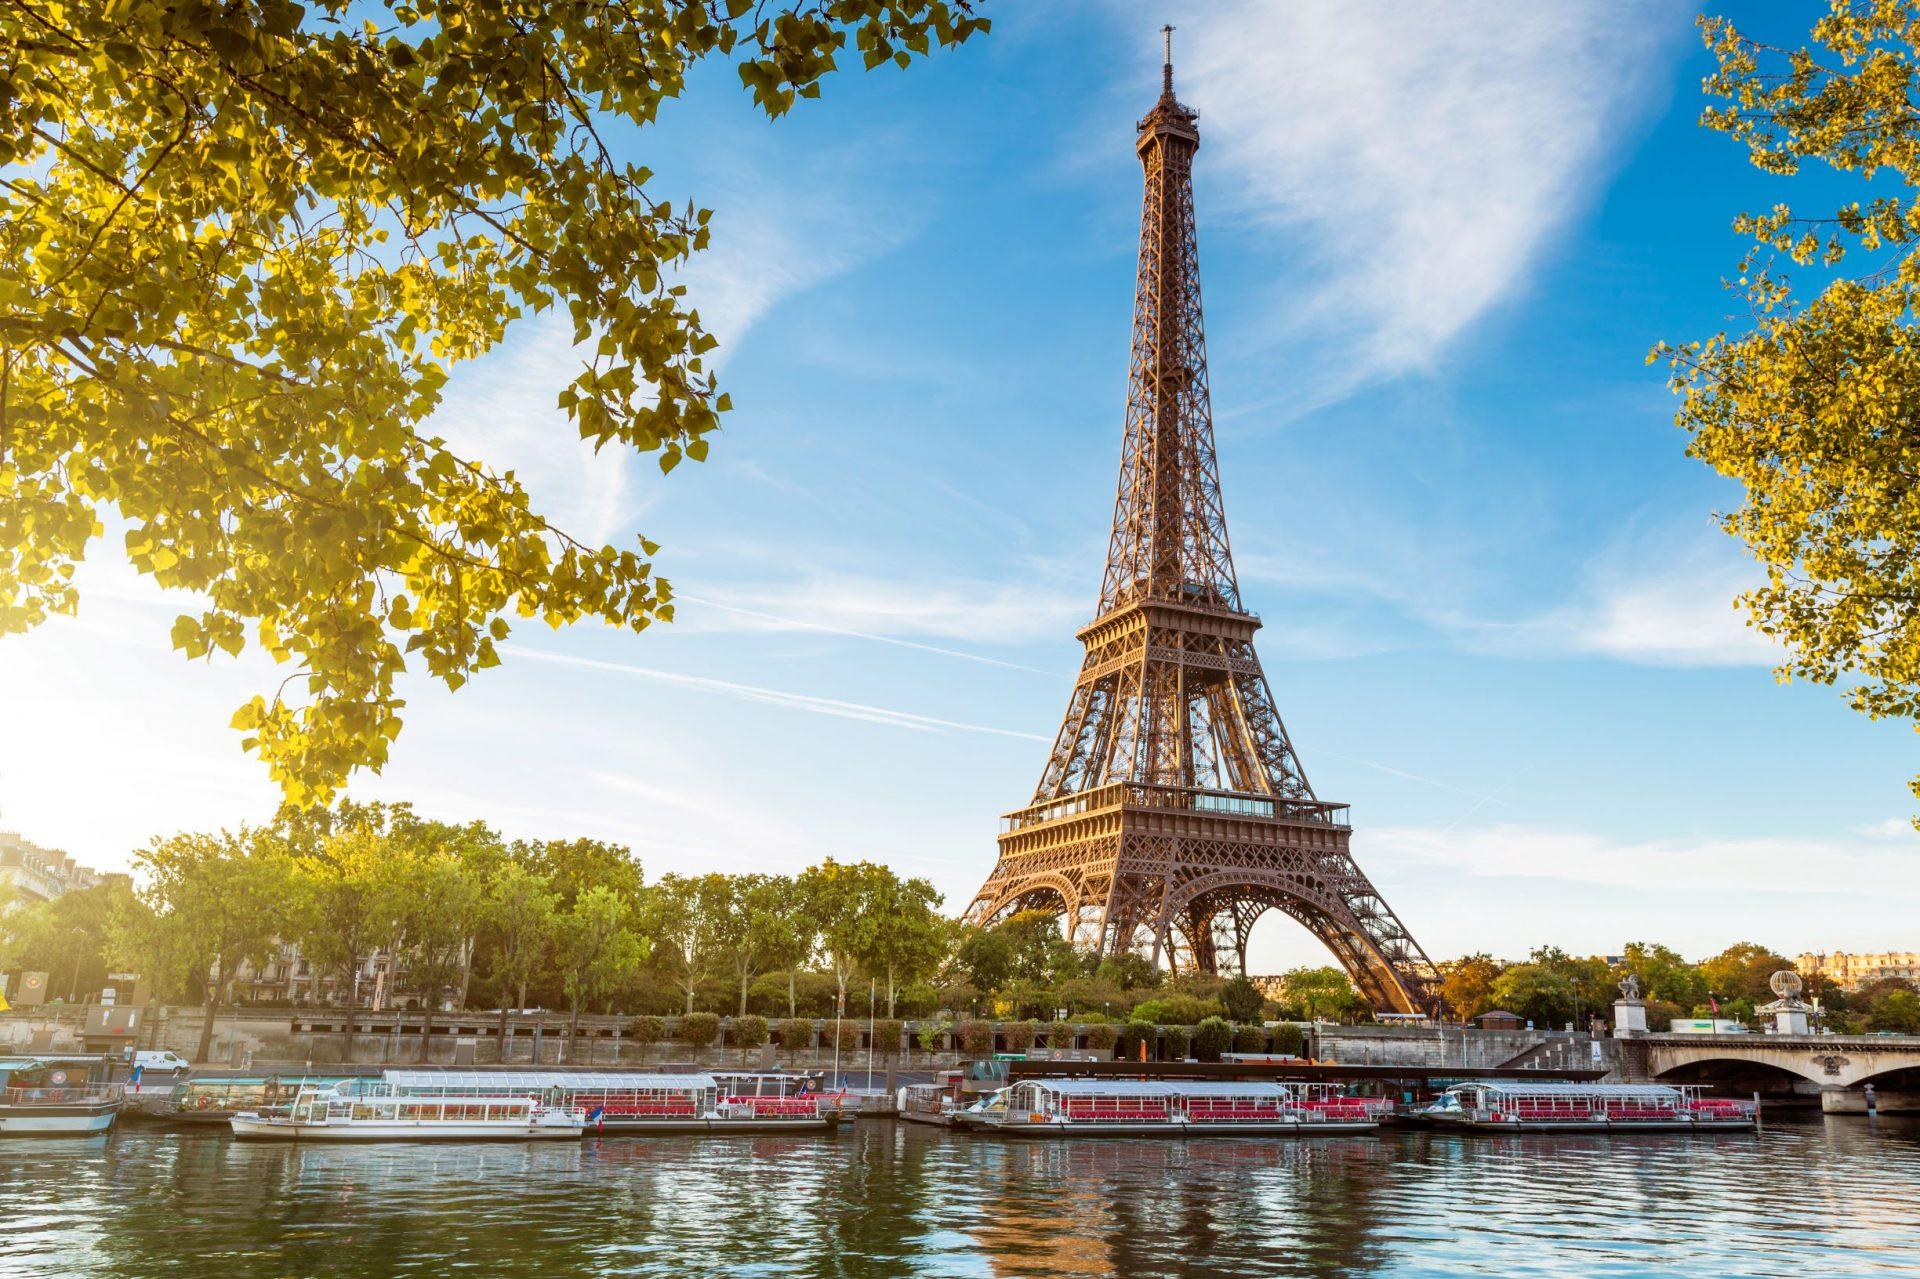 EiffelTower_112137761_SS